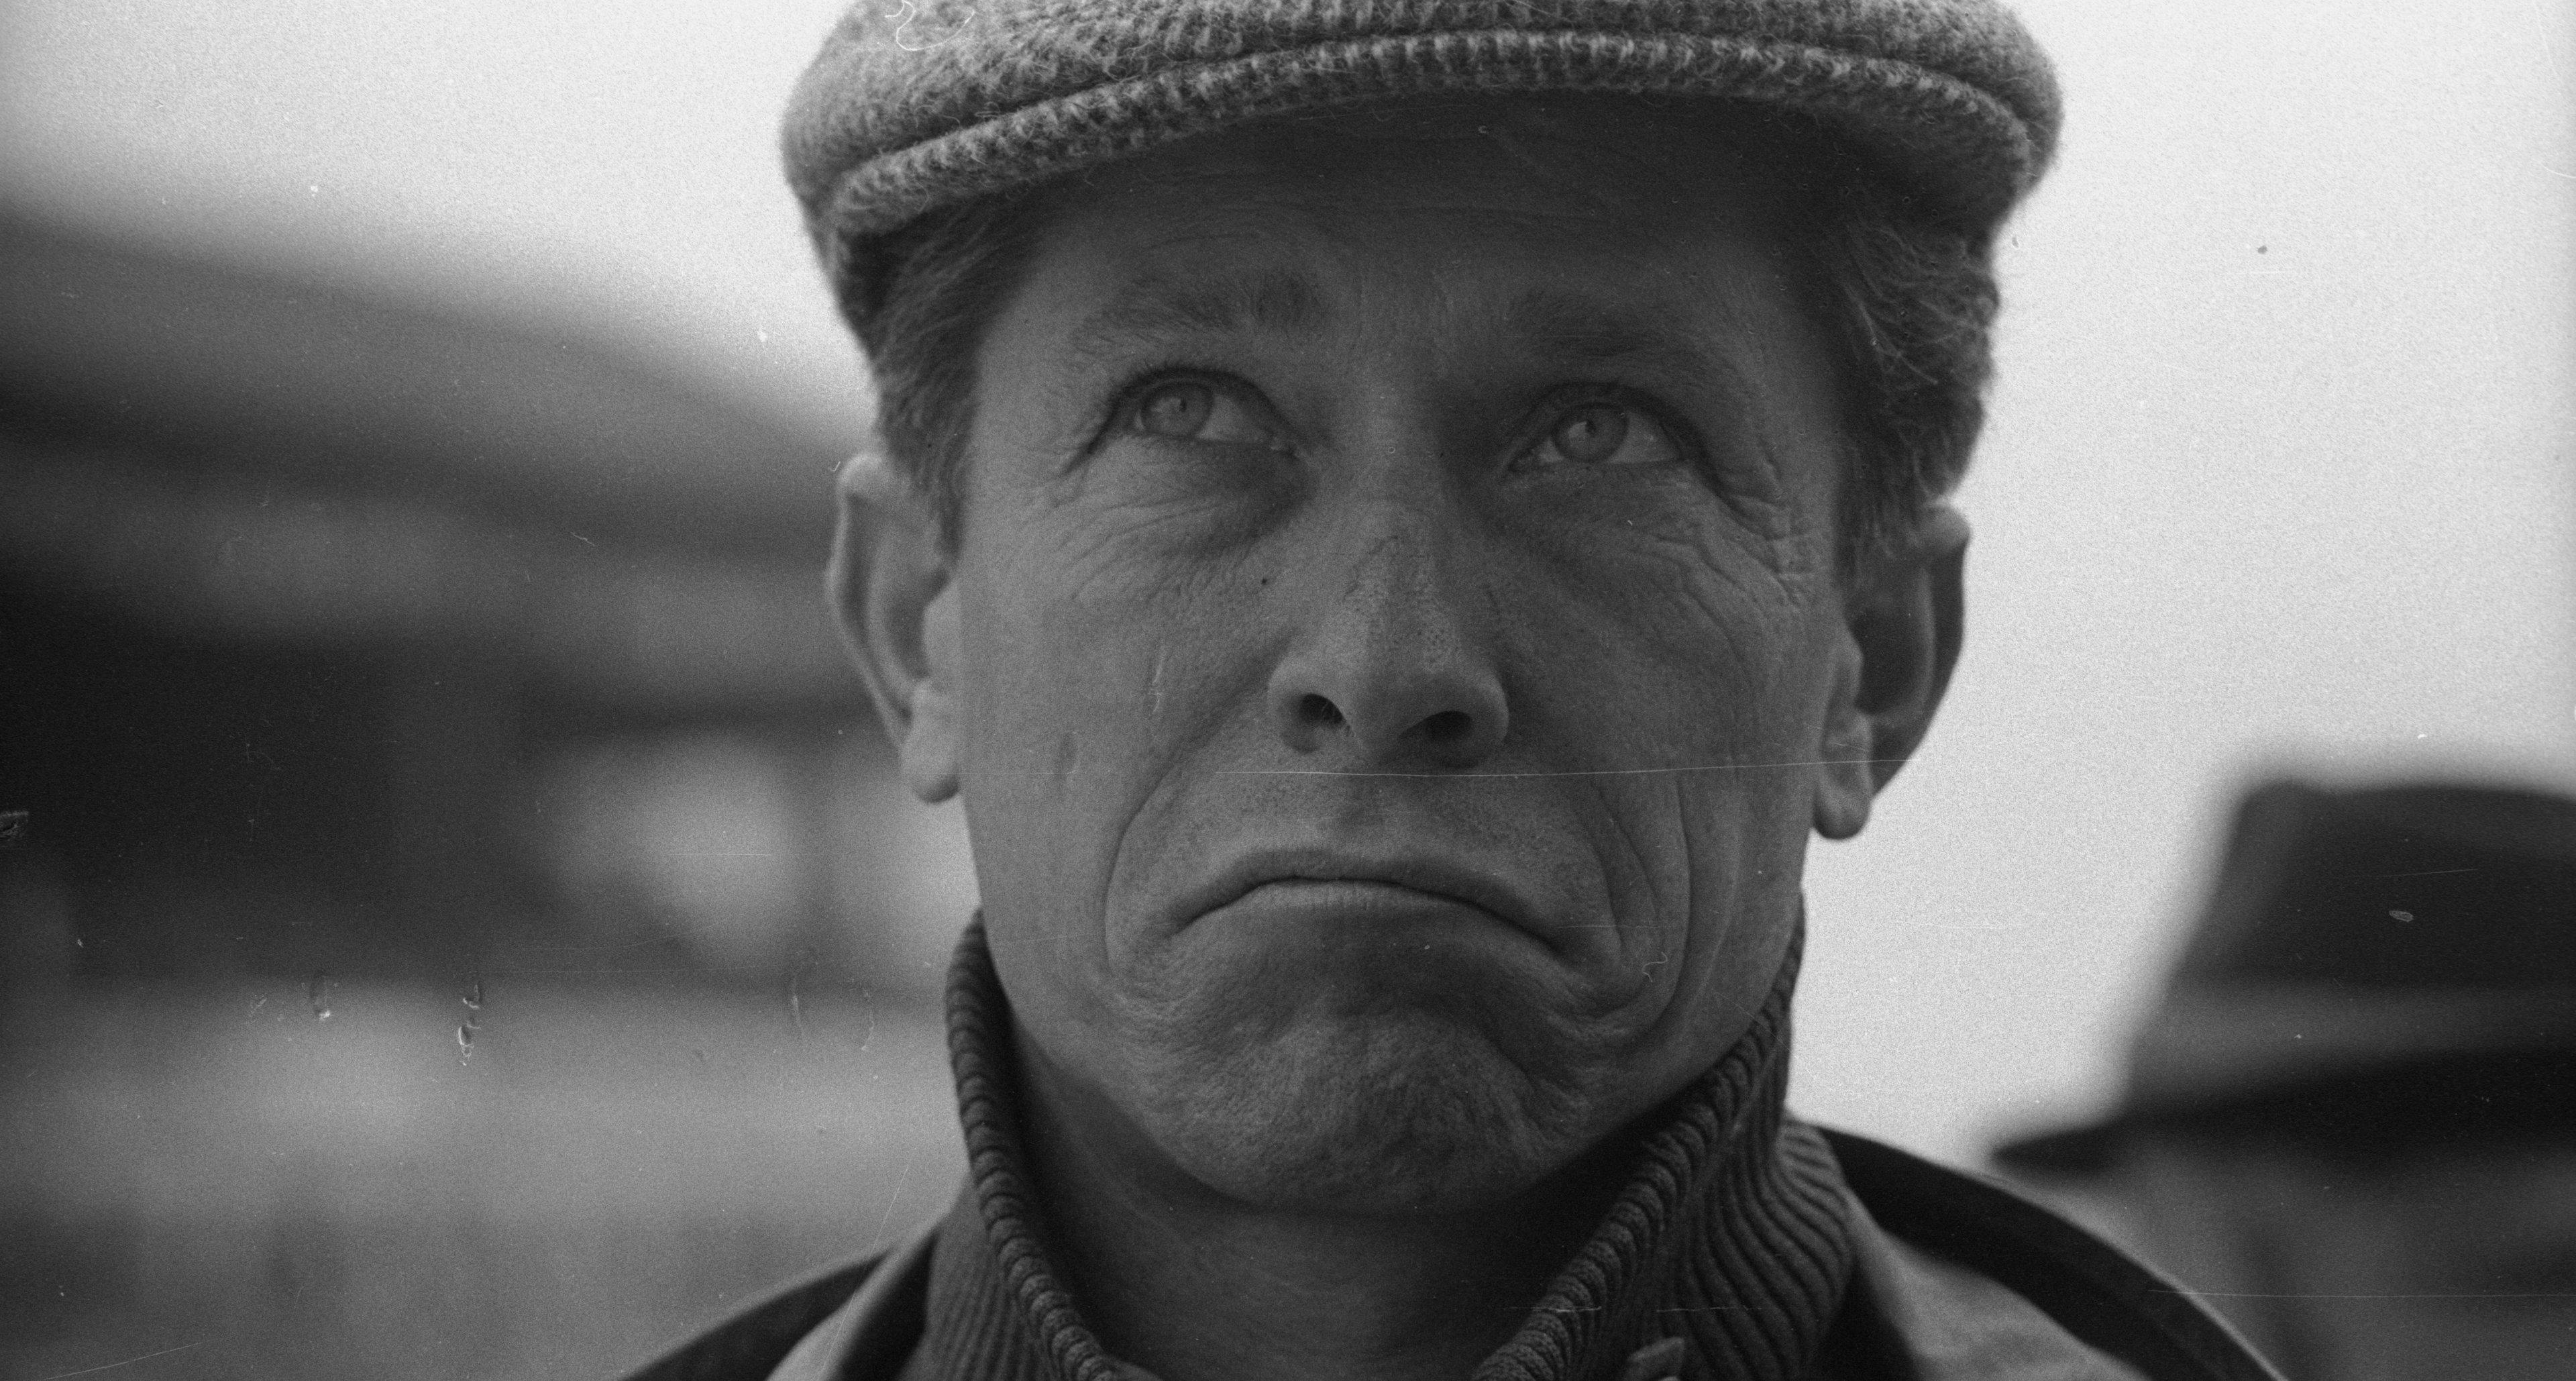 Olivier Gendebien, Nuerburgring, Germany, 27 May 1962.